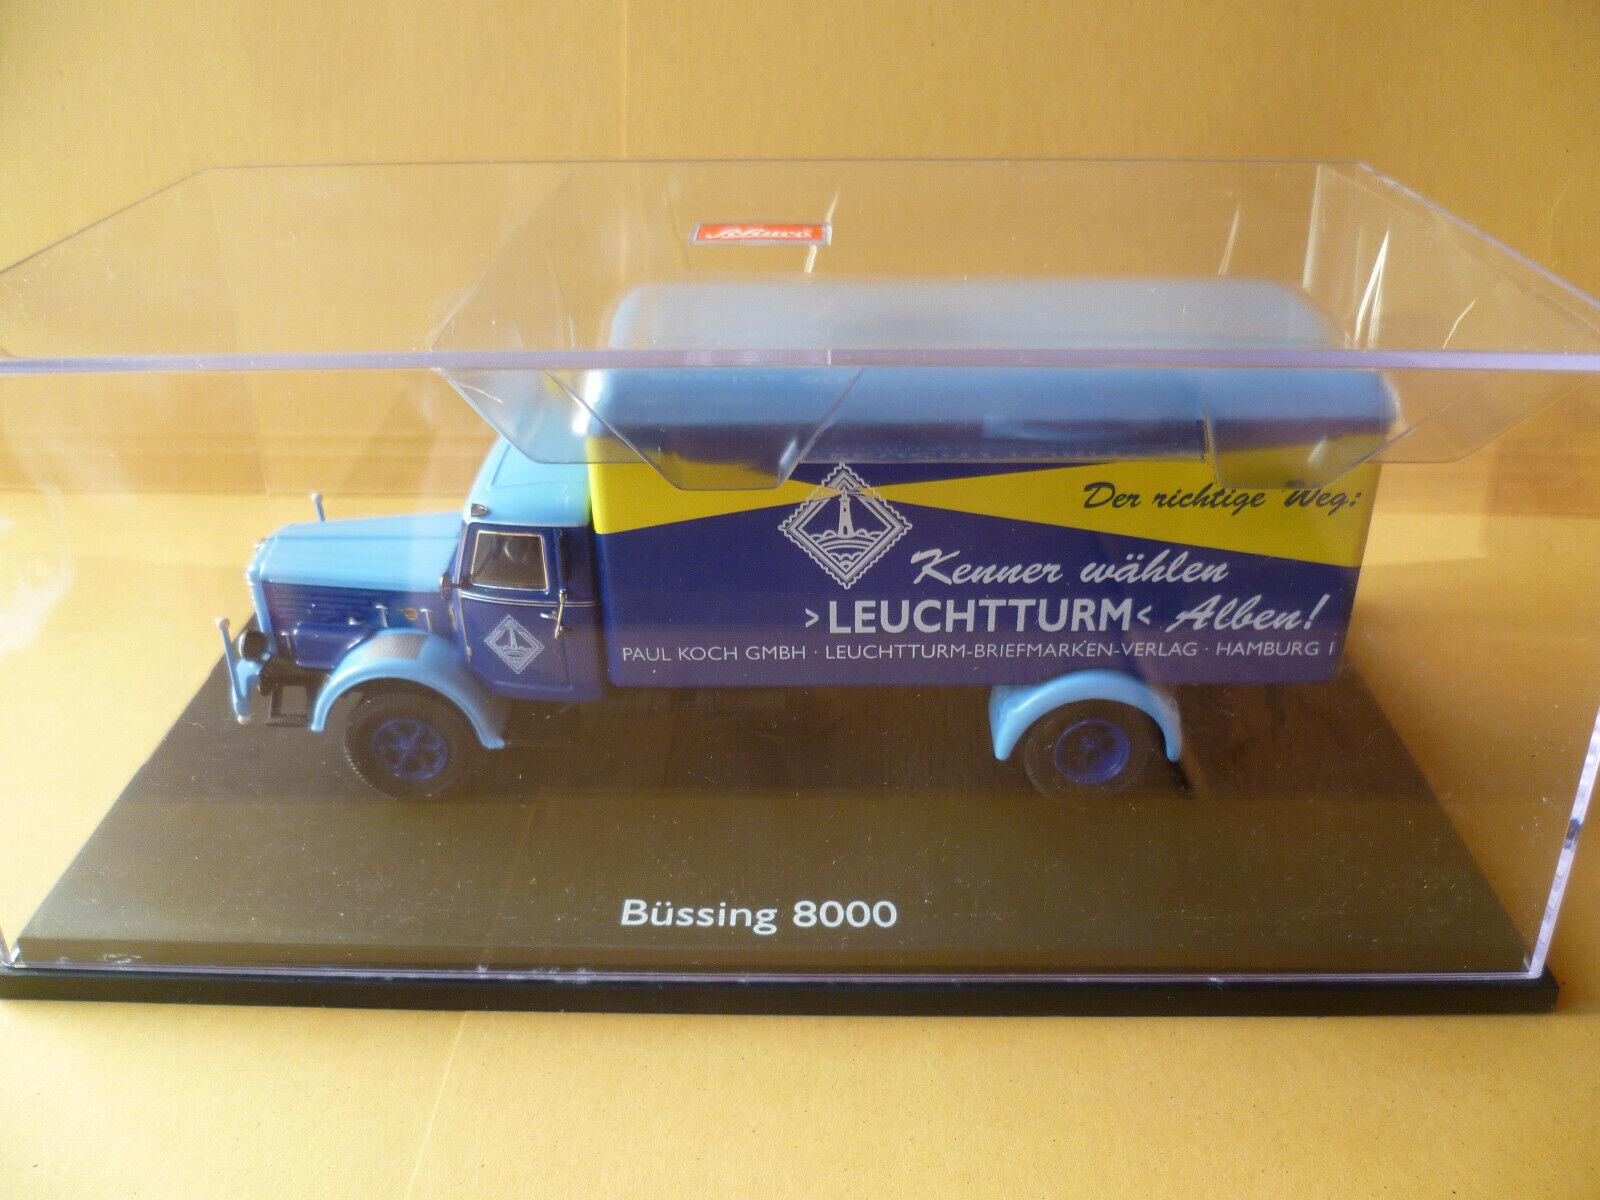 SCHUCO-Edition 1 43 Historischer LEUCHTTURM-Lieferwagen, Büssing 8000 NEU&OVP